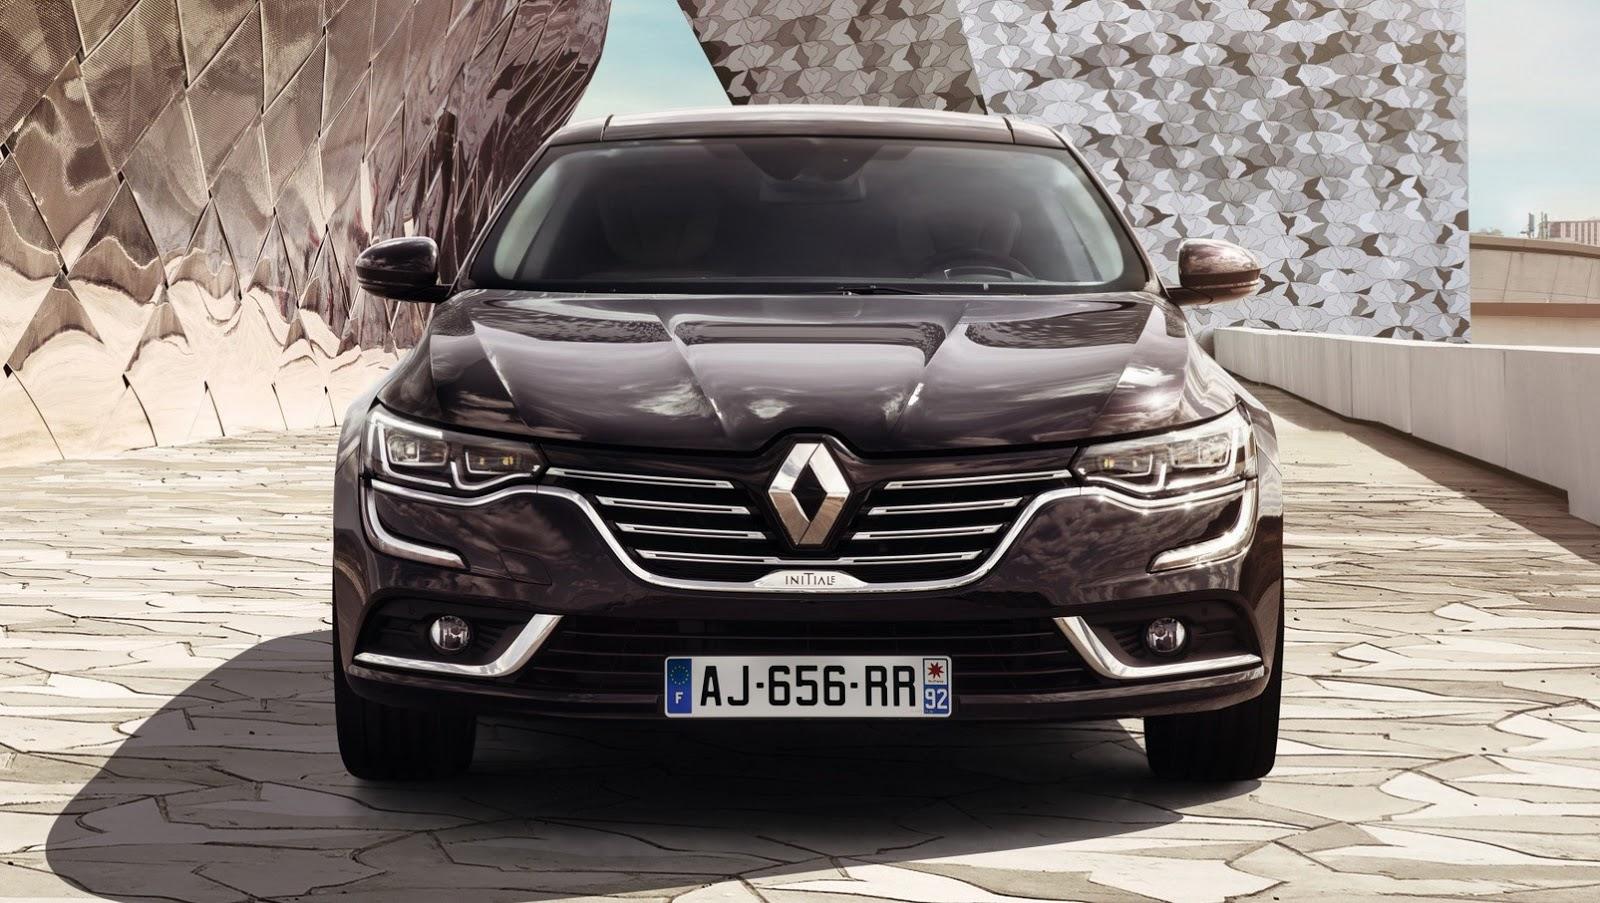 http://1.bp.blogspot.com/-ln68dZbCJAo/VZqDeVp2K6I/AAAAAAABCGQ/kFyV1sC7u2U/s1600/New-Renault-Talisman-0011.jpg